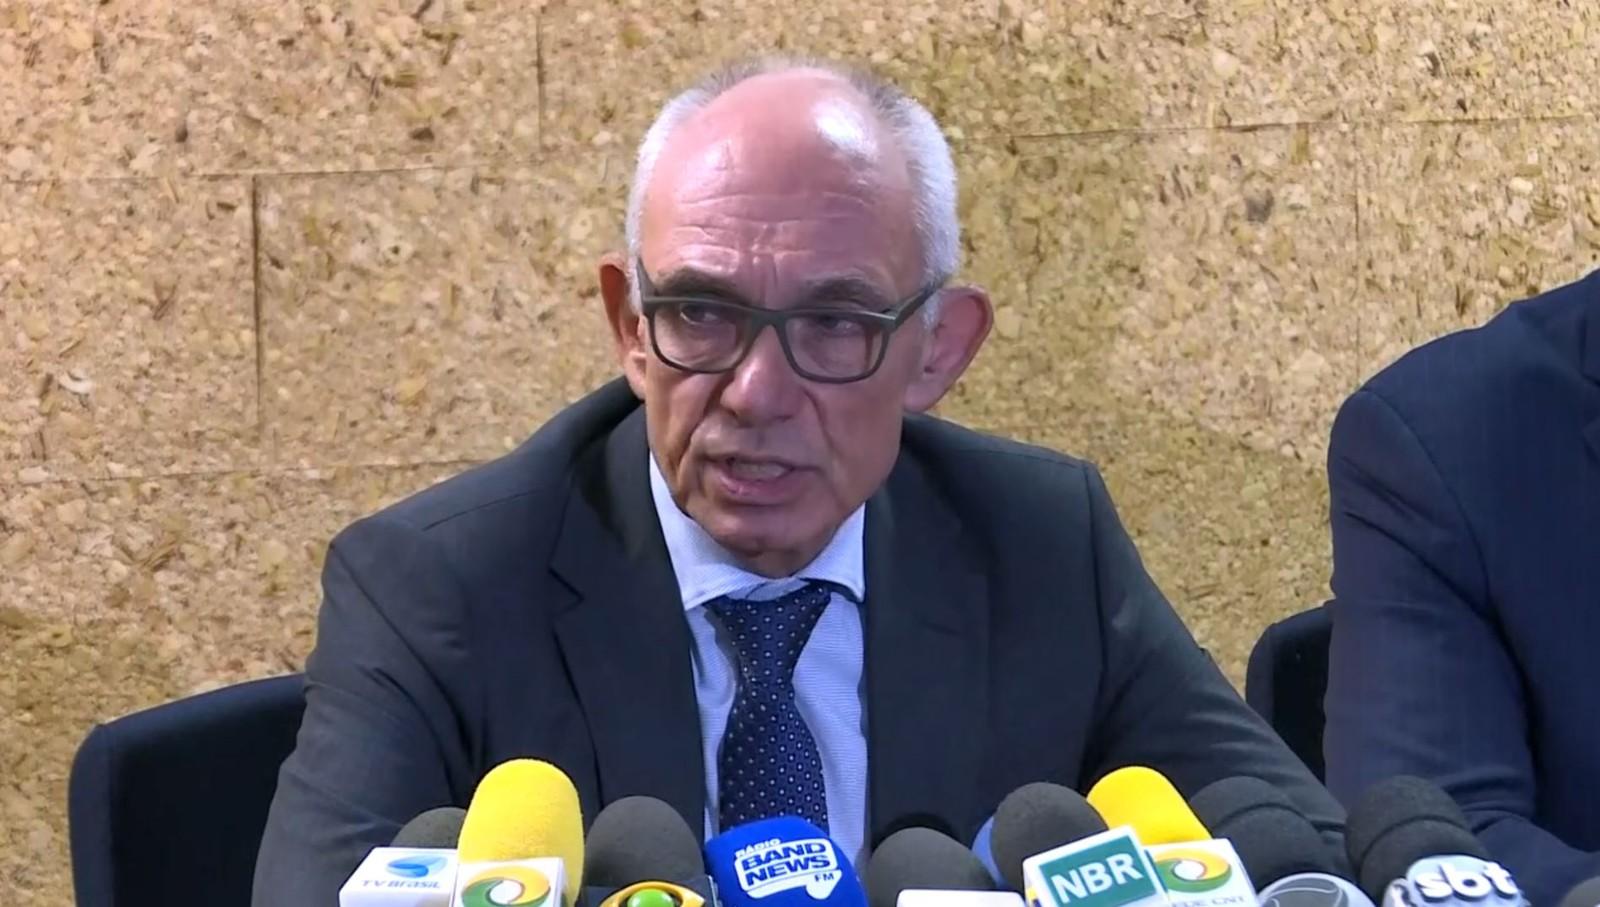 Vale anuncia que vai eliminar barragens iguais às de Mariana e Brumadinho